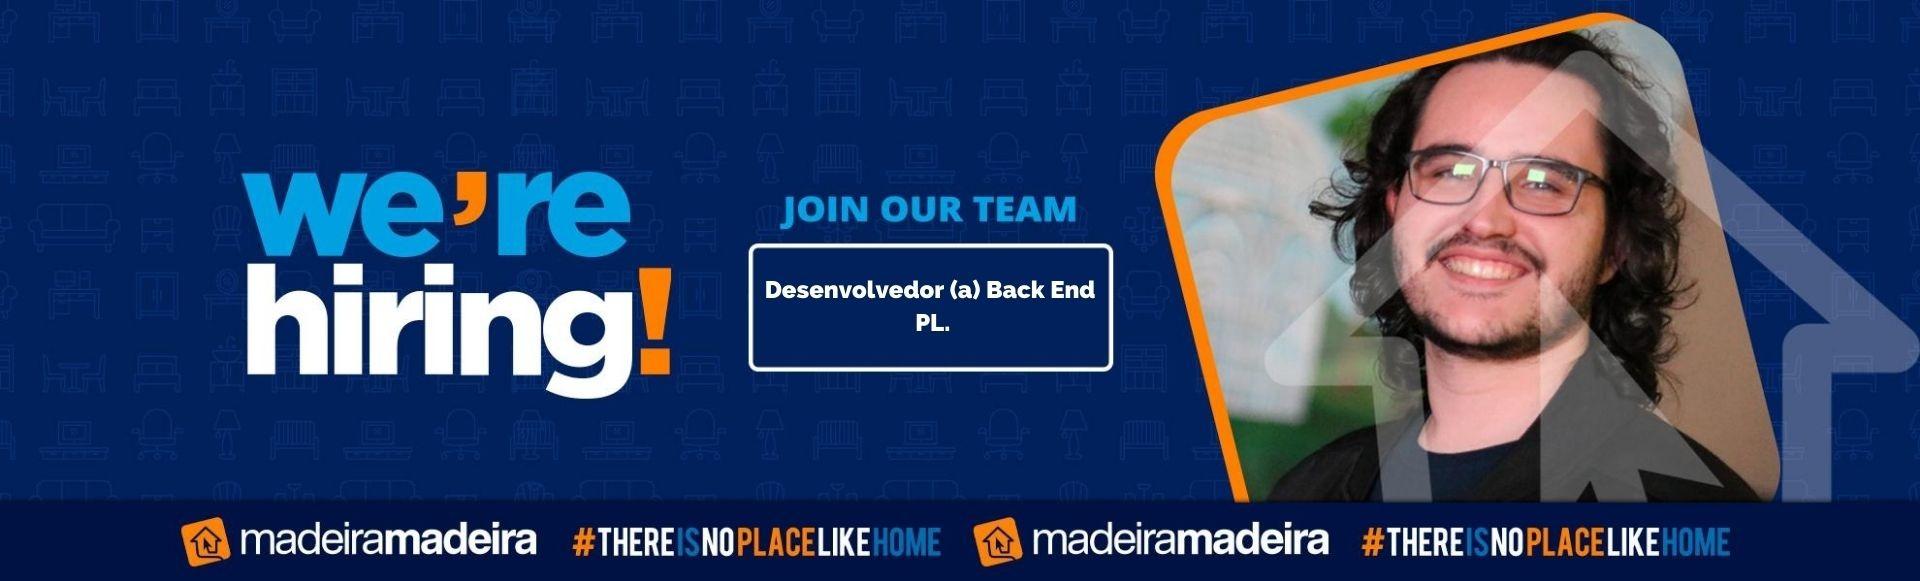 Desenvolvedor (a) Back End PL